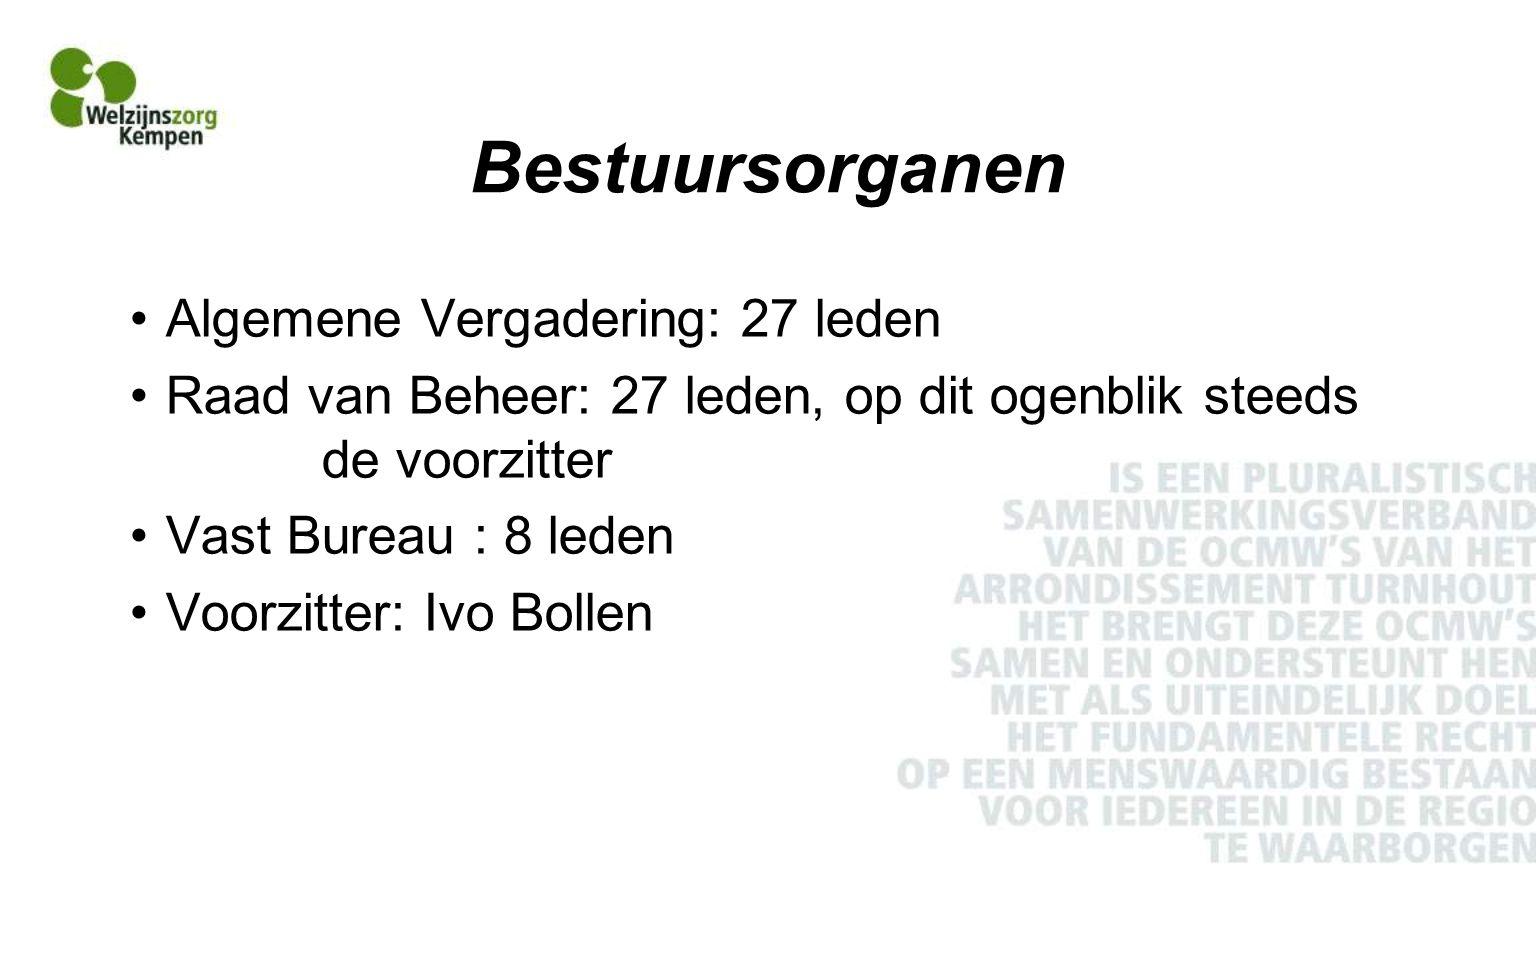 Werking in de private sector Centrum voor Geestelijke Gezondheidszorg Kempen - Geel, Herentals, Hoogstraten en Turnhout - Aandeel OCMW- cliënteel: 9% itt 6% De Sprong, sociale tewerkstelling De Voorsprong, lokale diensteneconomie Kind in Nood Kempen, antennedienst kindermishandeling Vertrouwenscentrum Kindermishandeling Antwerpen